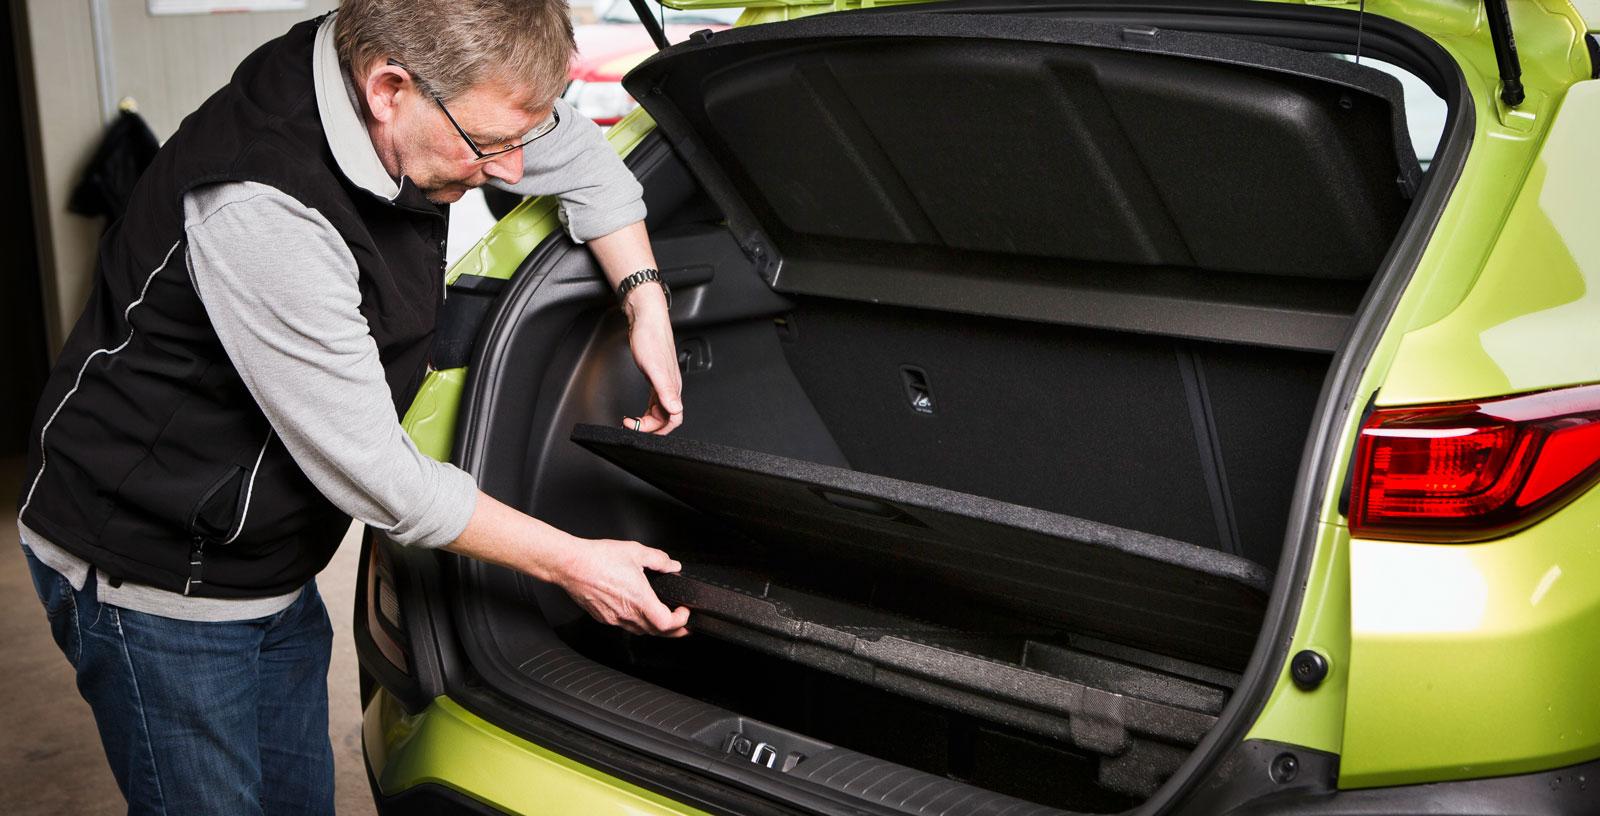 """Även i Hyundai sitter lastförankringsöglorna i det löstagbara övre lastgolvet. Inte direkt den säkraste lösningen. Bagagegolvet är dubbelt och under varje """"våning"""" finns prydliga fack i skumplast. En kasskrok erbjuds men lastslukarförmågan är knaper, speciellt med uppfällt baksäte."""